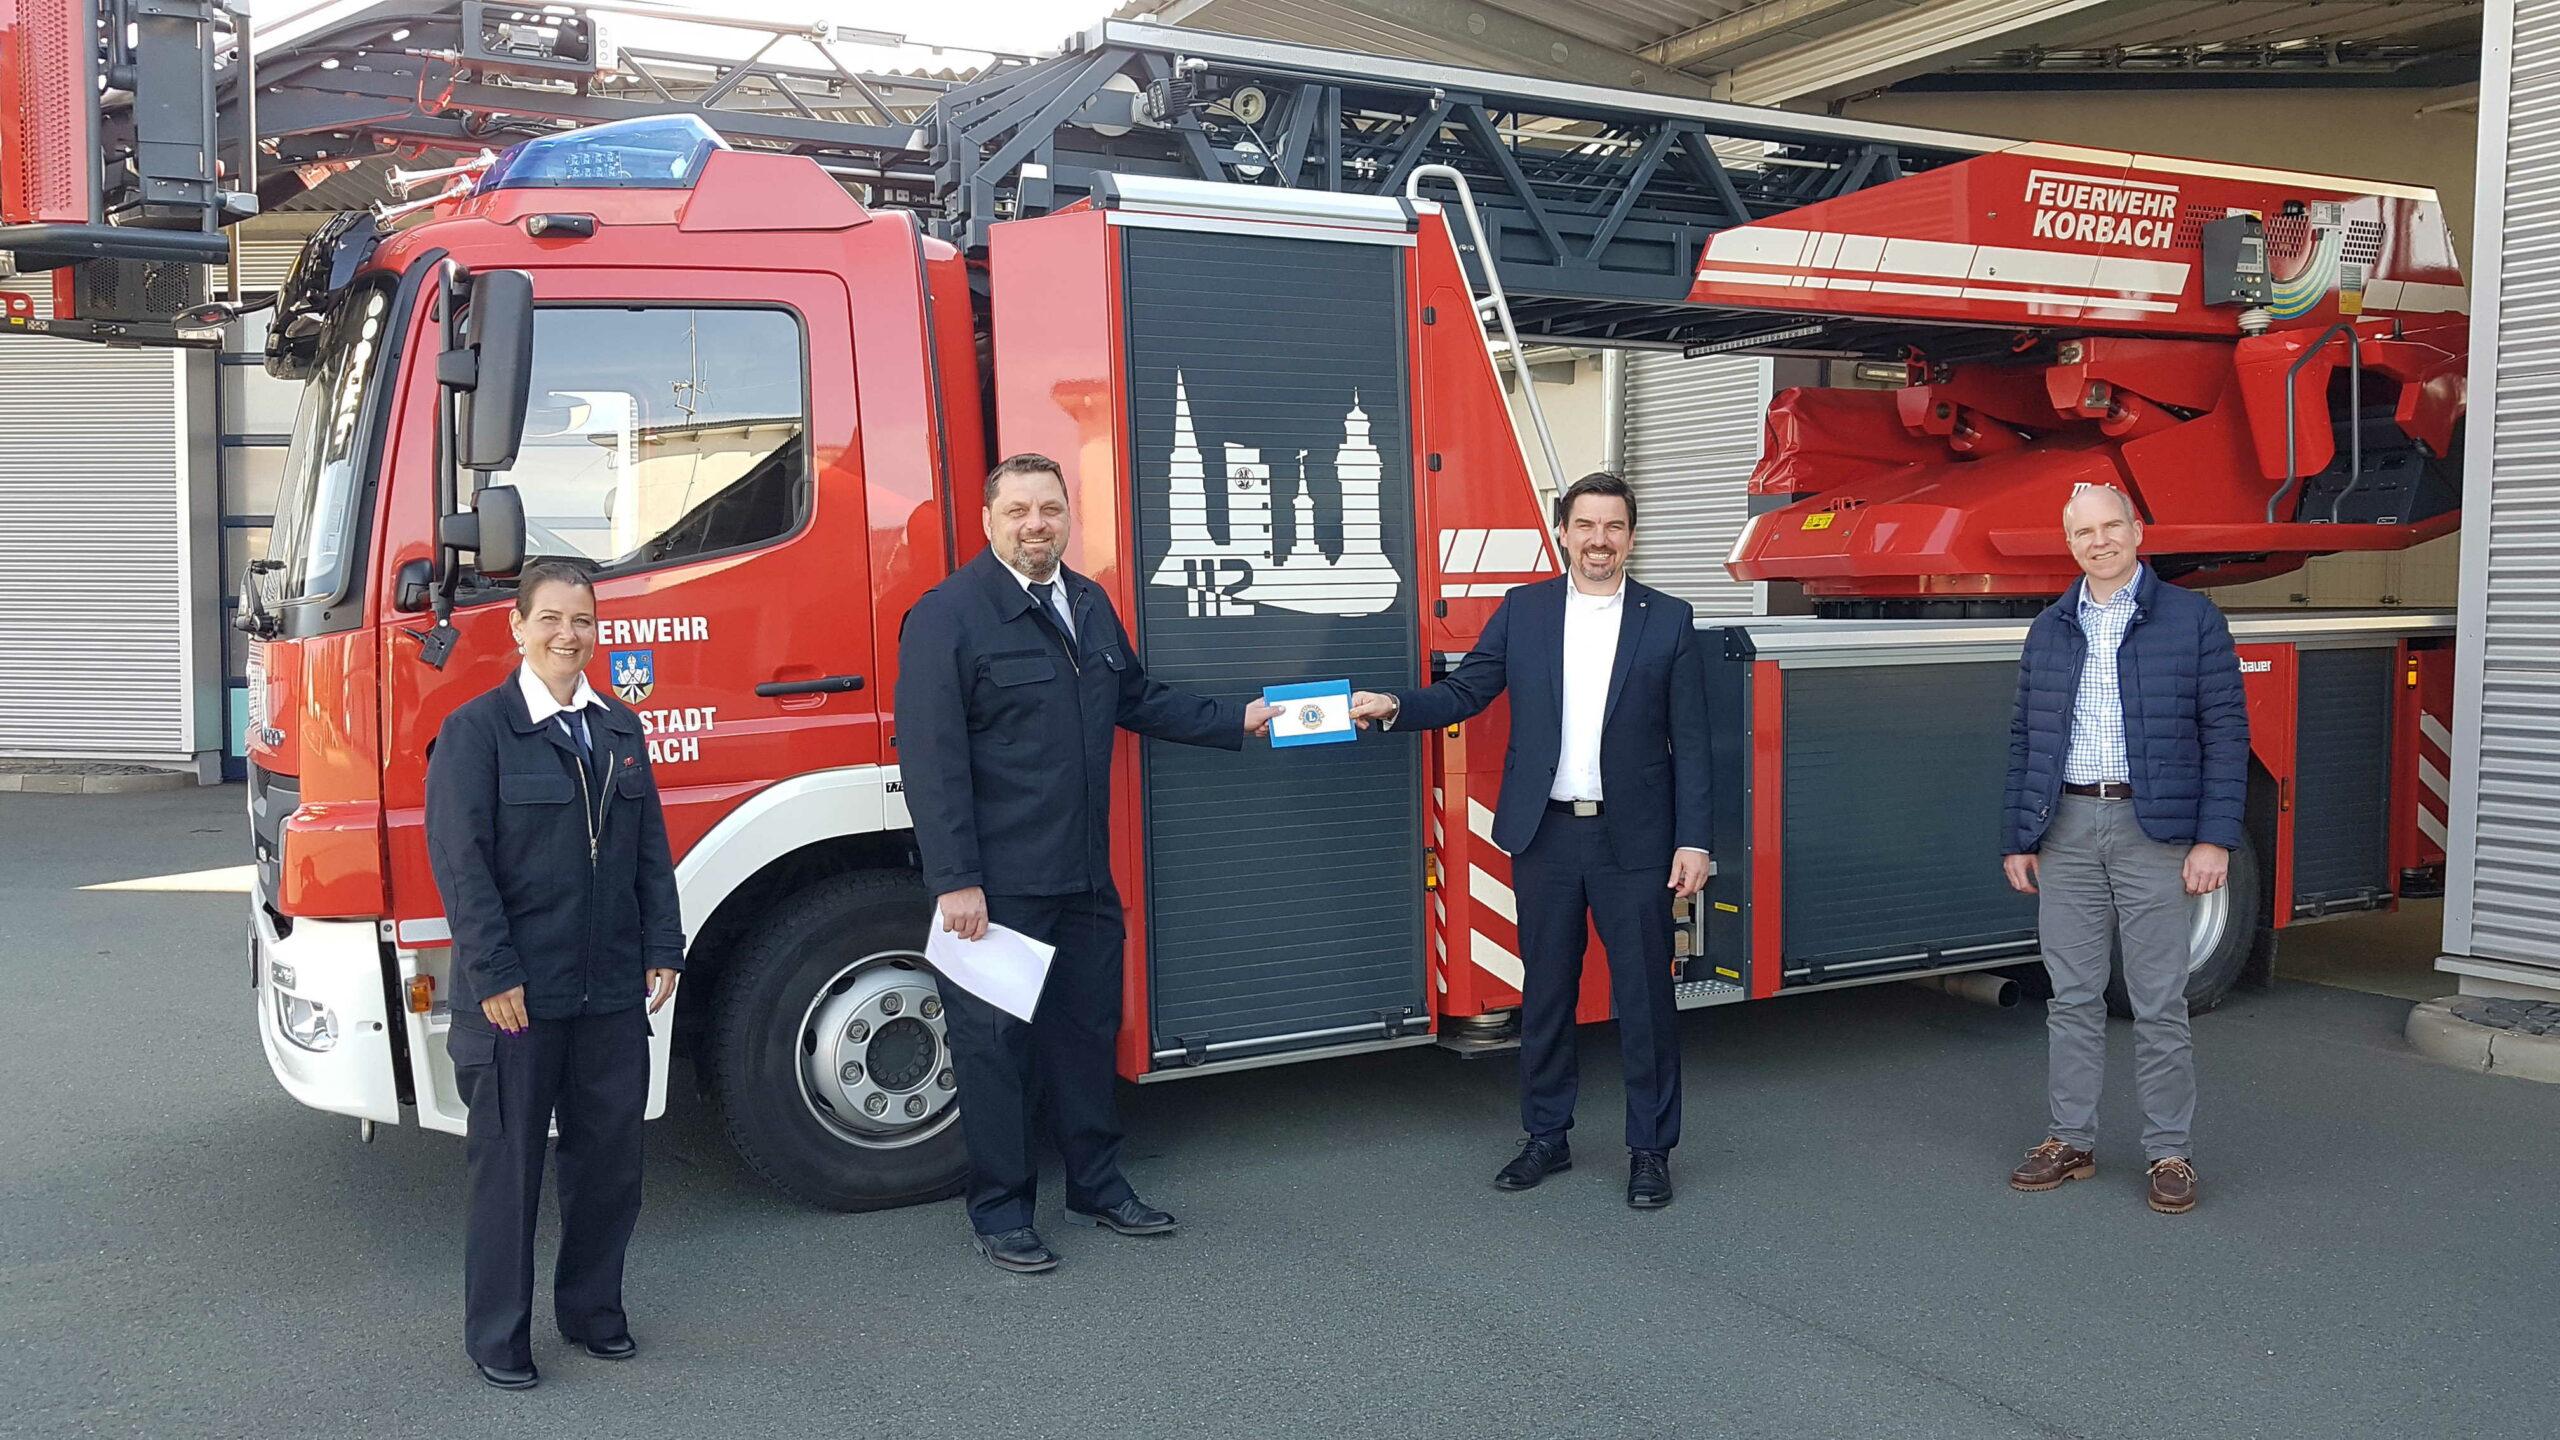 Bild: Übergabe der Spende an die Feuerwehr